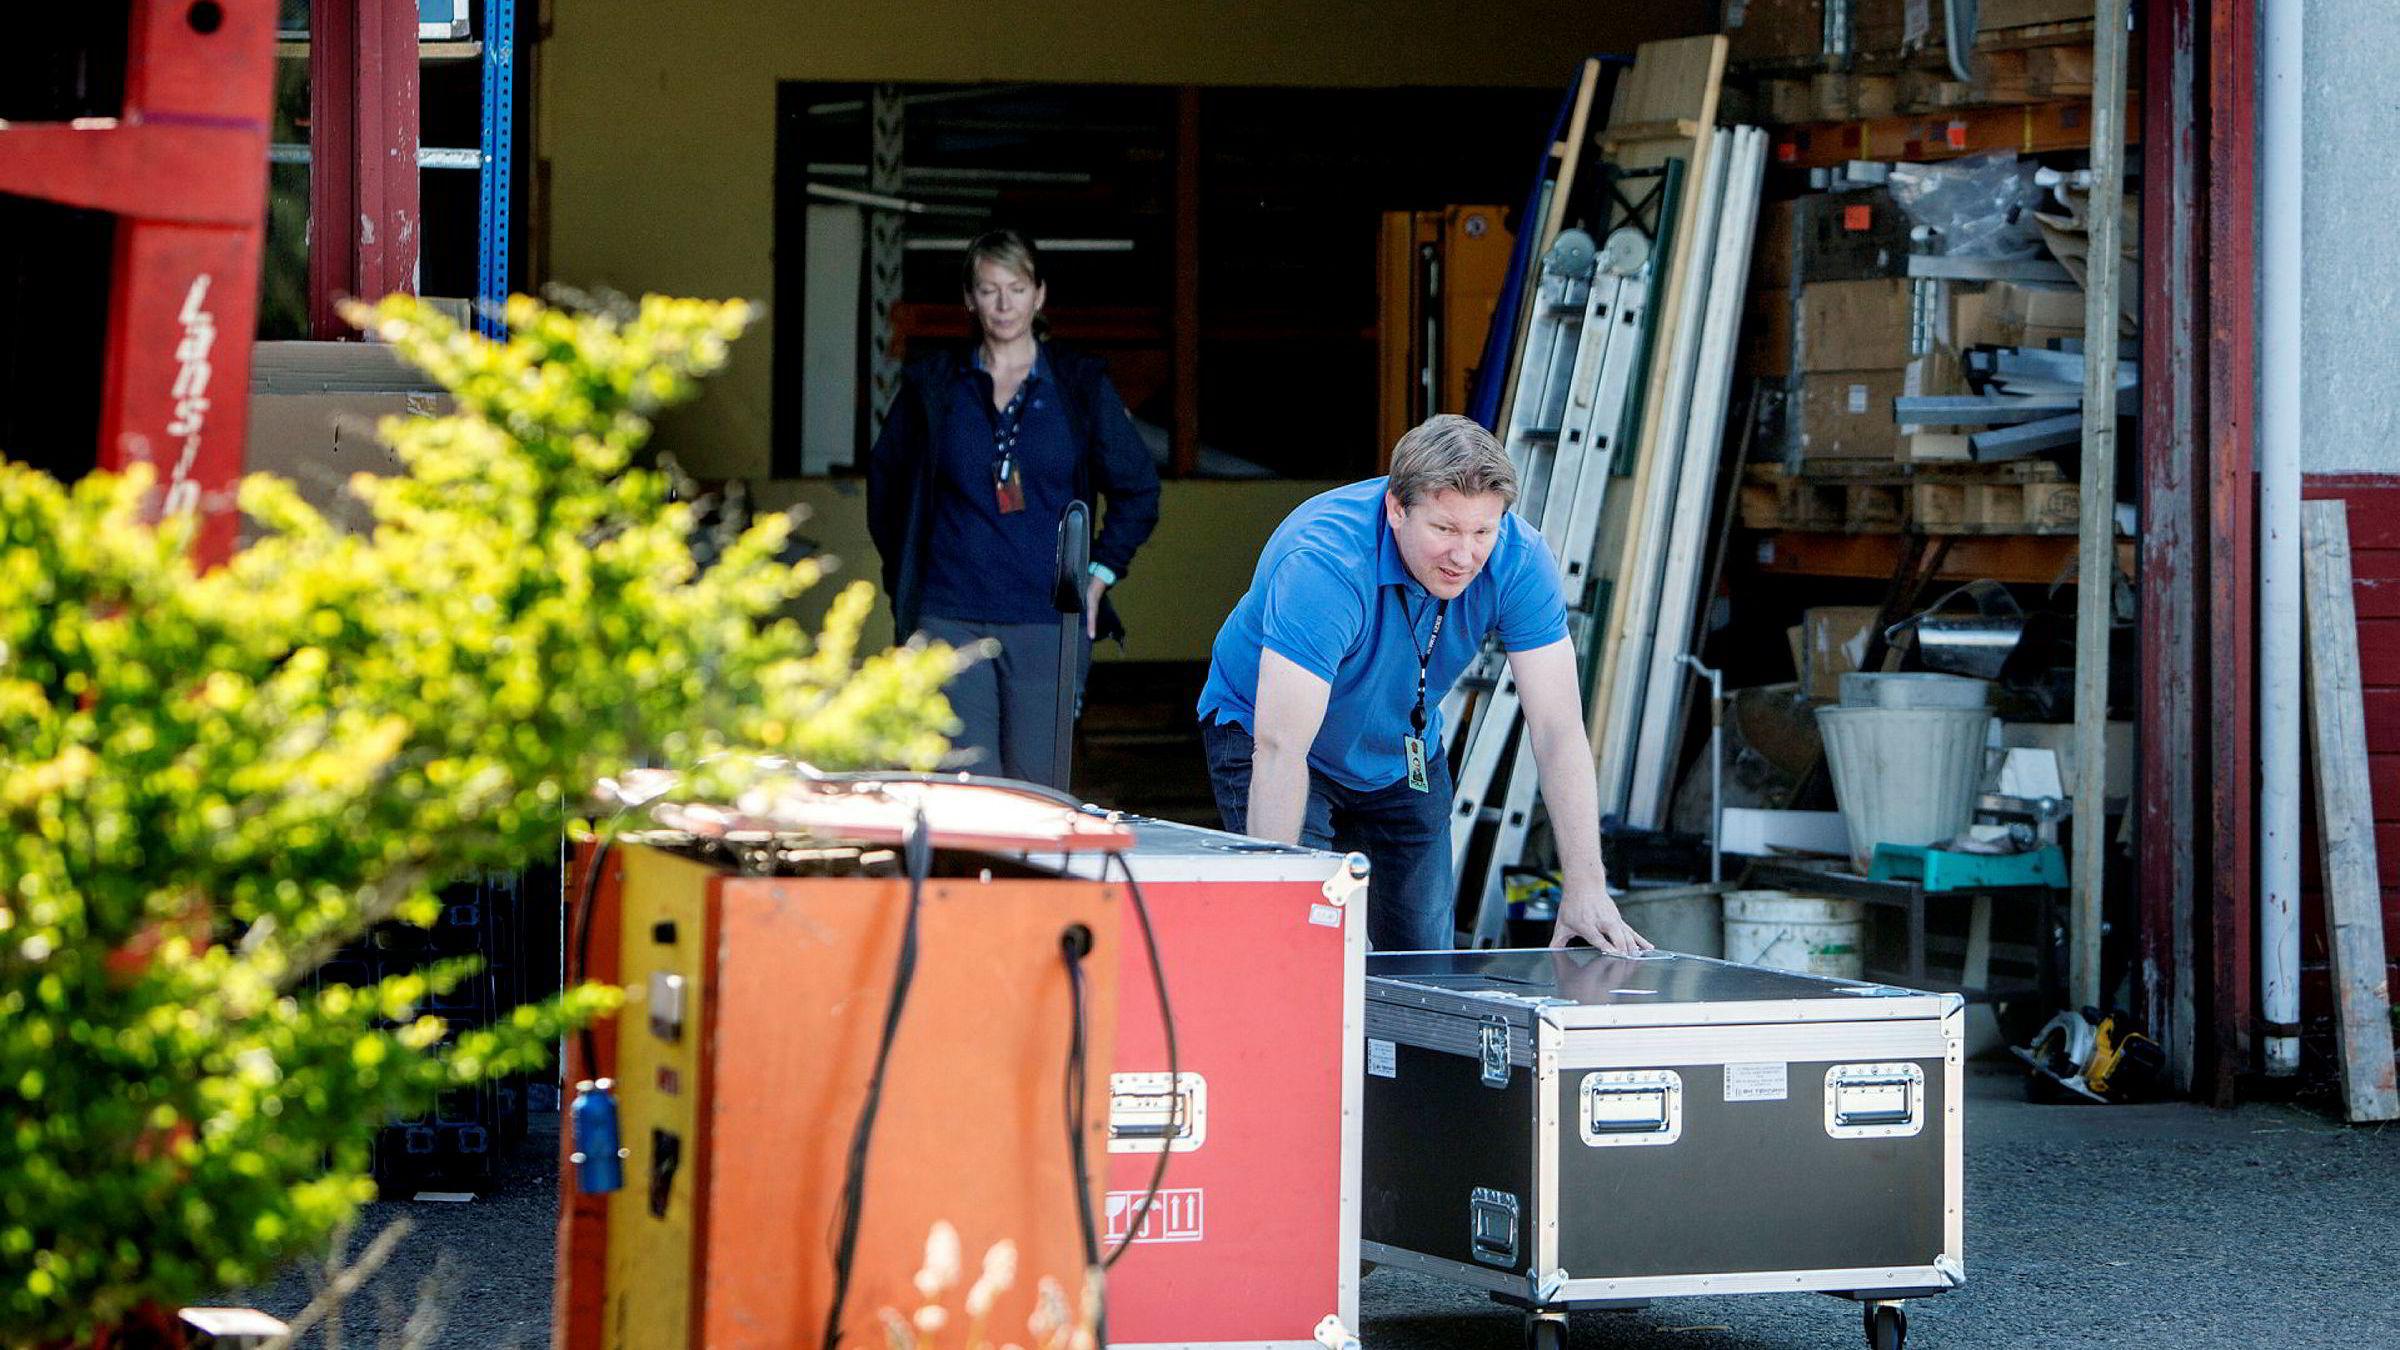 Sivilkledd politi, her ved politiinspektør Frode Karlsen, gjorde torsdag ettermiddag undersøkelser i et næringslokale utenfor Bergen, tilknyttet den siktede TV 2-ansatte. Der beslagla politiet store mengder utstyr.